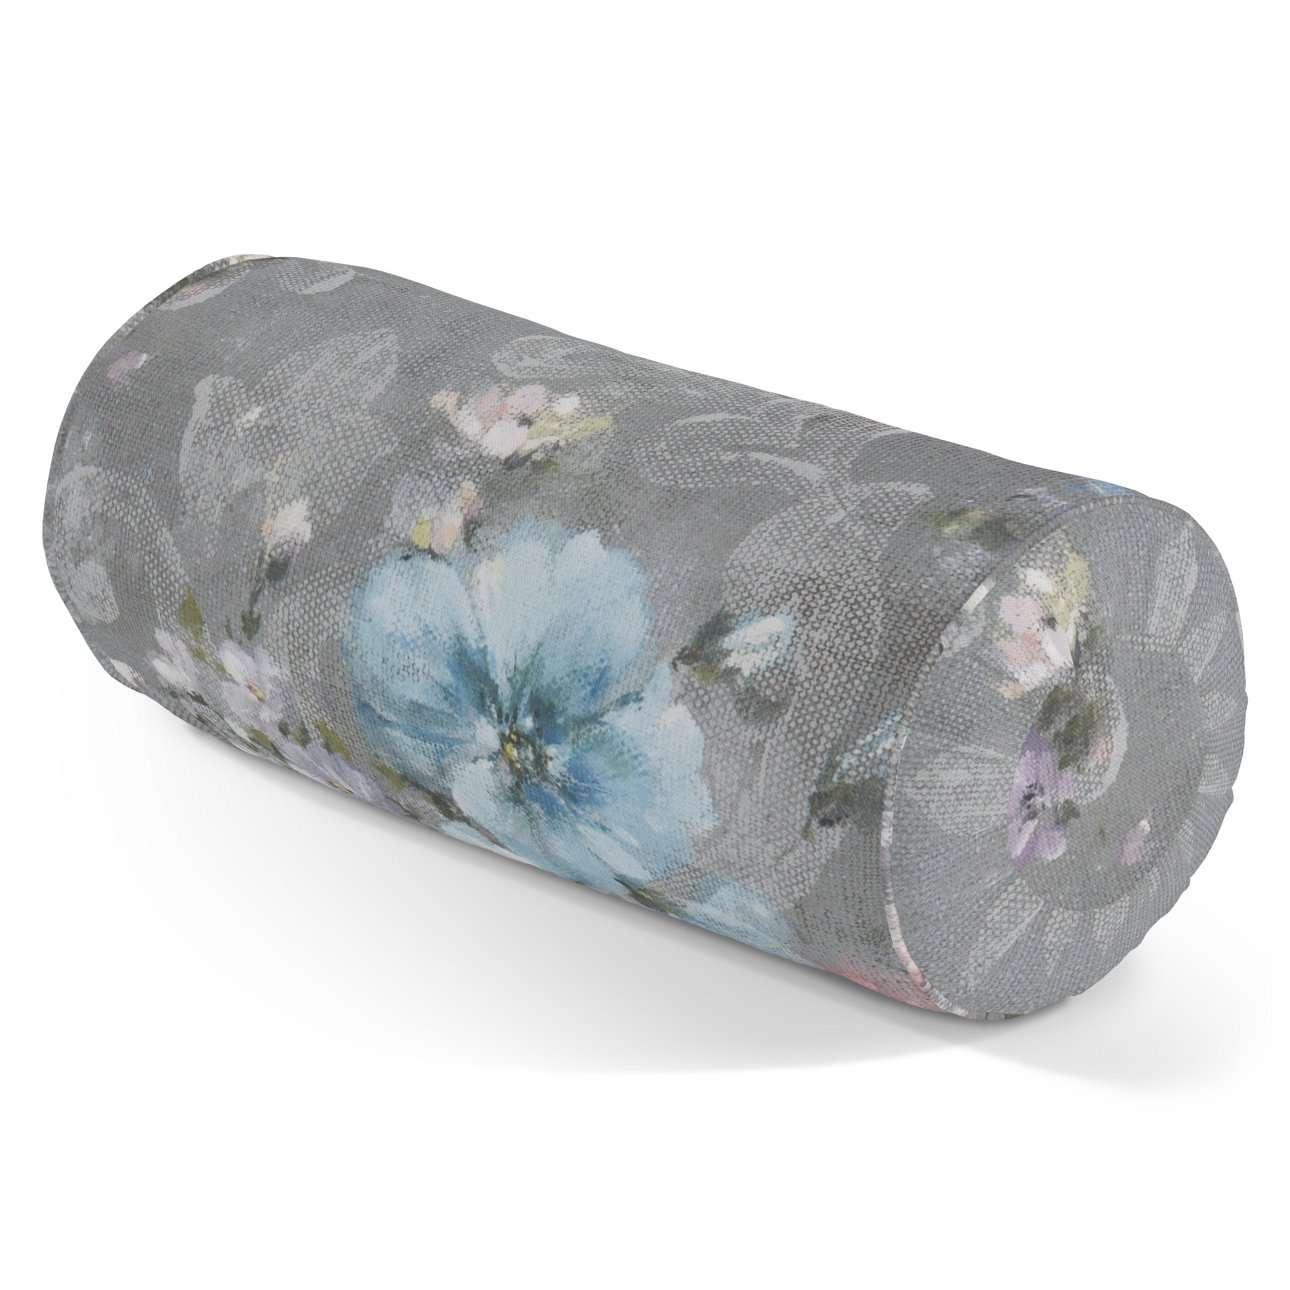 Poduszka wałek z zakładkami Ø 20 x 50 cm w kolekcji Monet, tkanina: 137-81